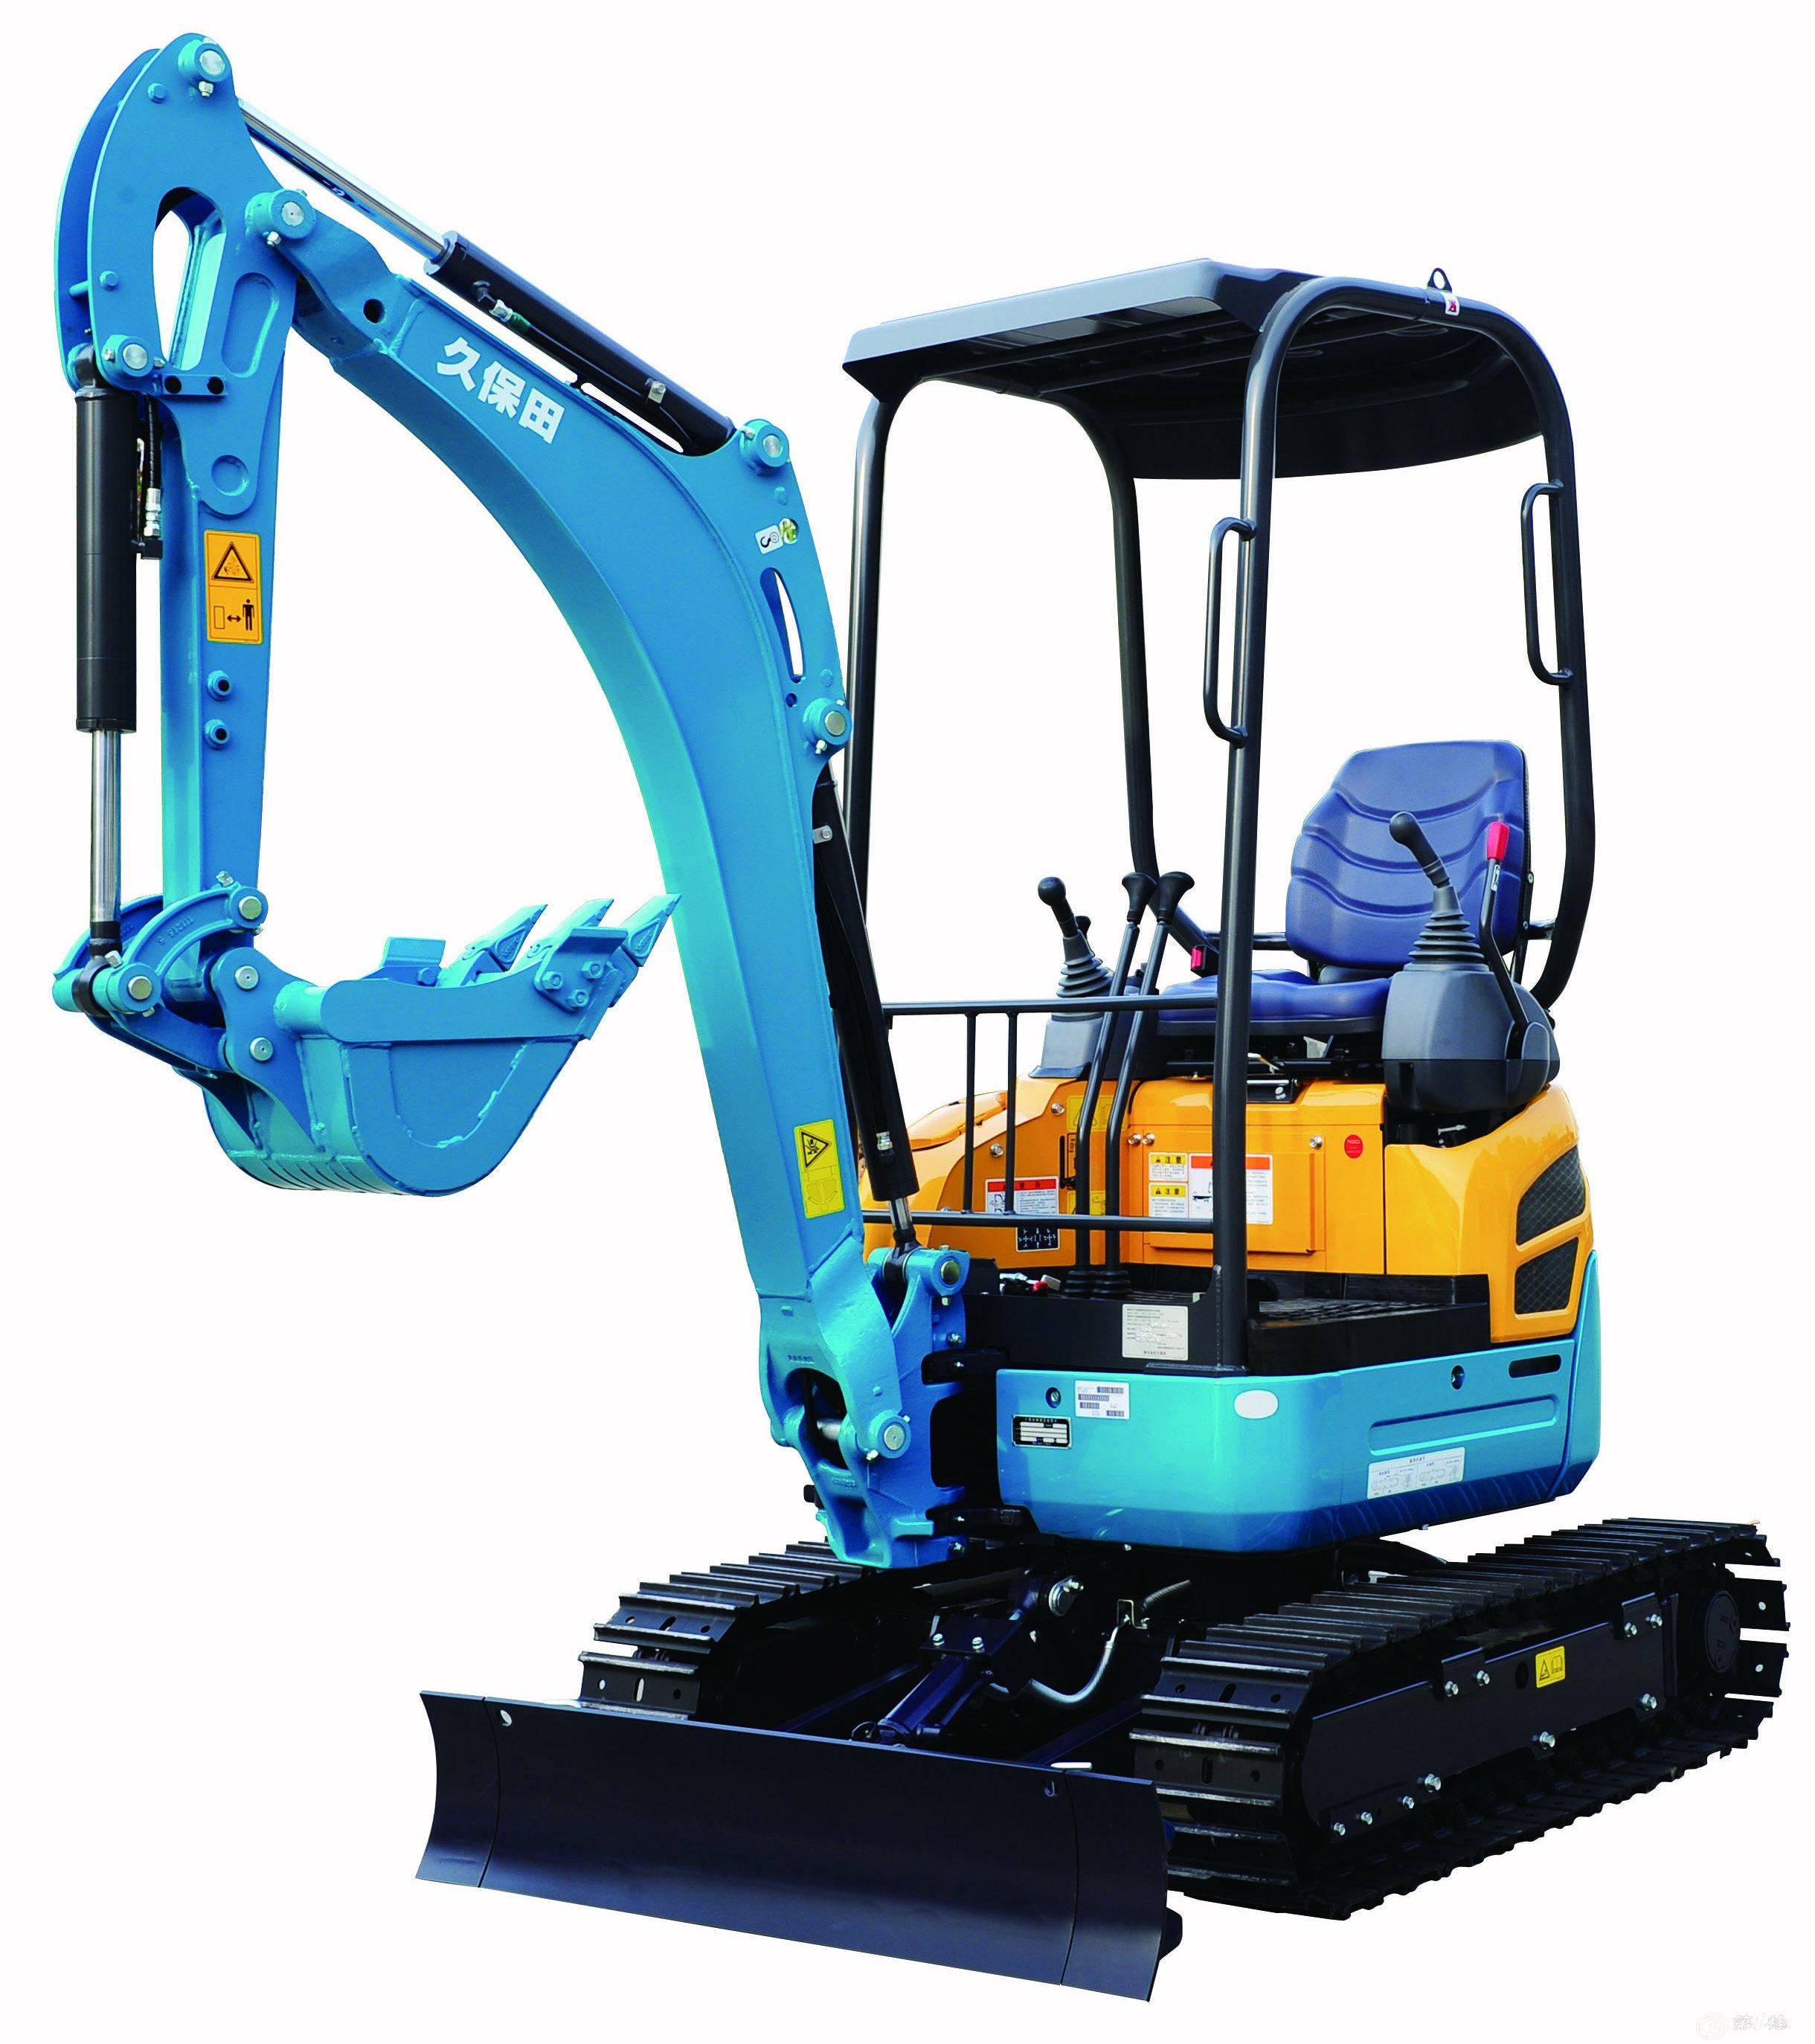 挖掘机在维修公路时候不慎触电该如何处理